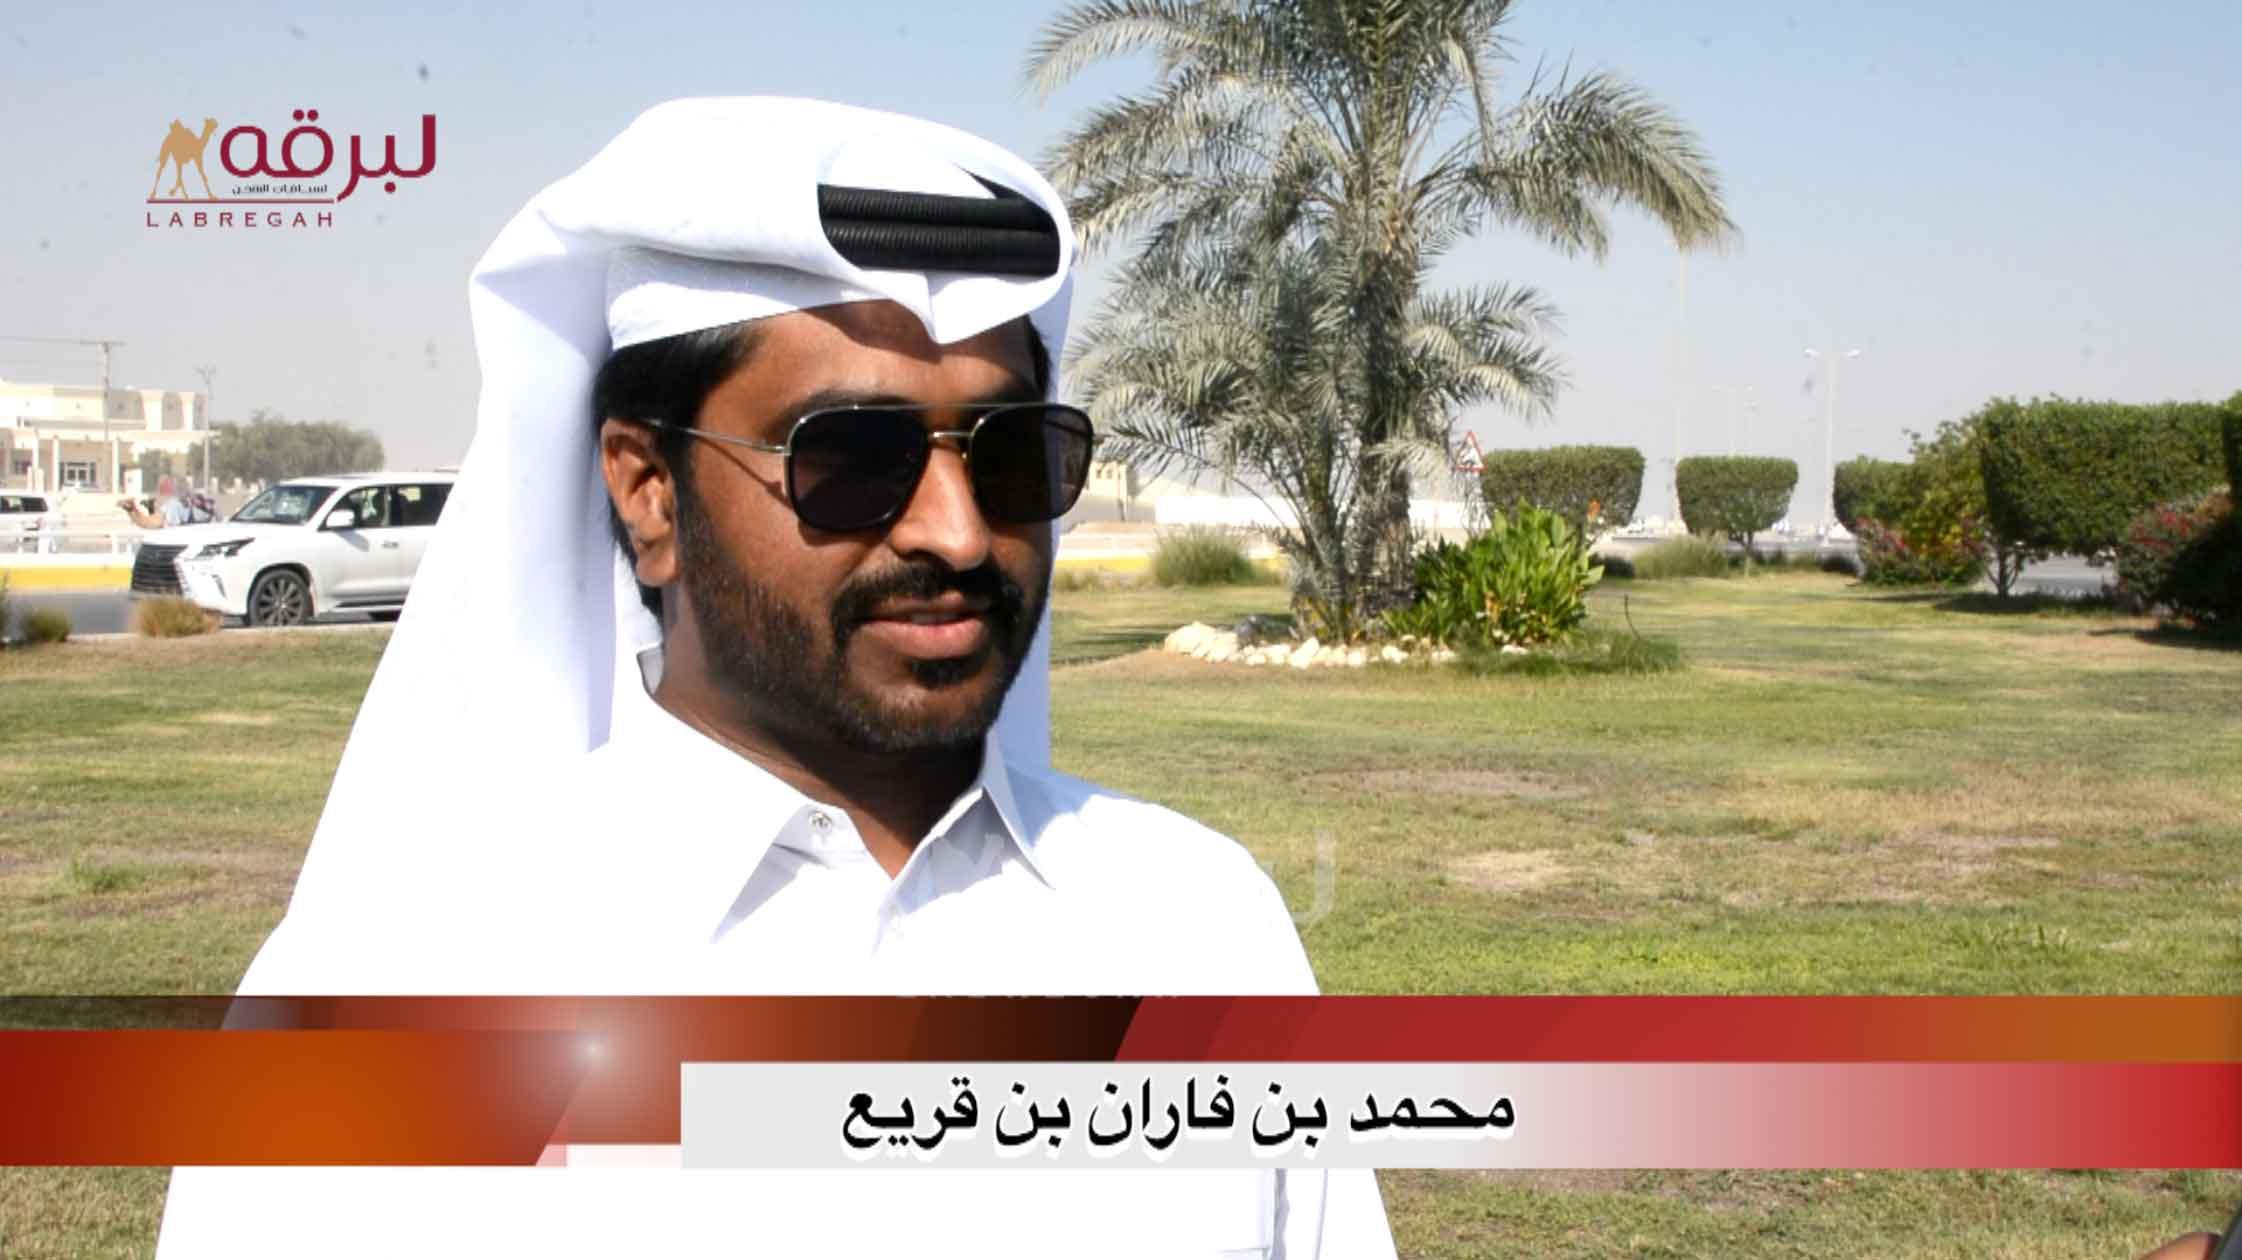 لقاء مع محمد بن فاران بن قريع.. الشوط الرئيسي للجذاع قعدان مفتوح الأشواط العامة  ٢٤-١٠-٢٠٢٠